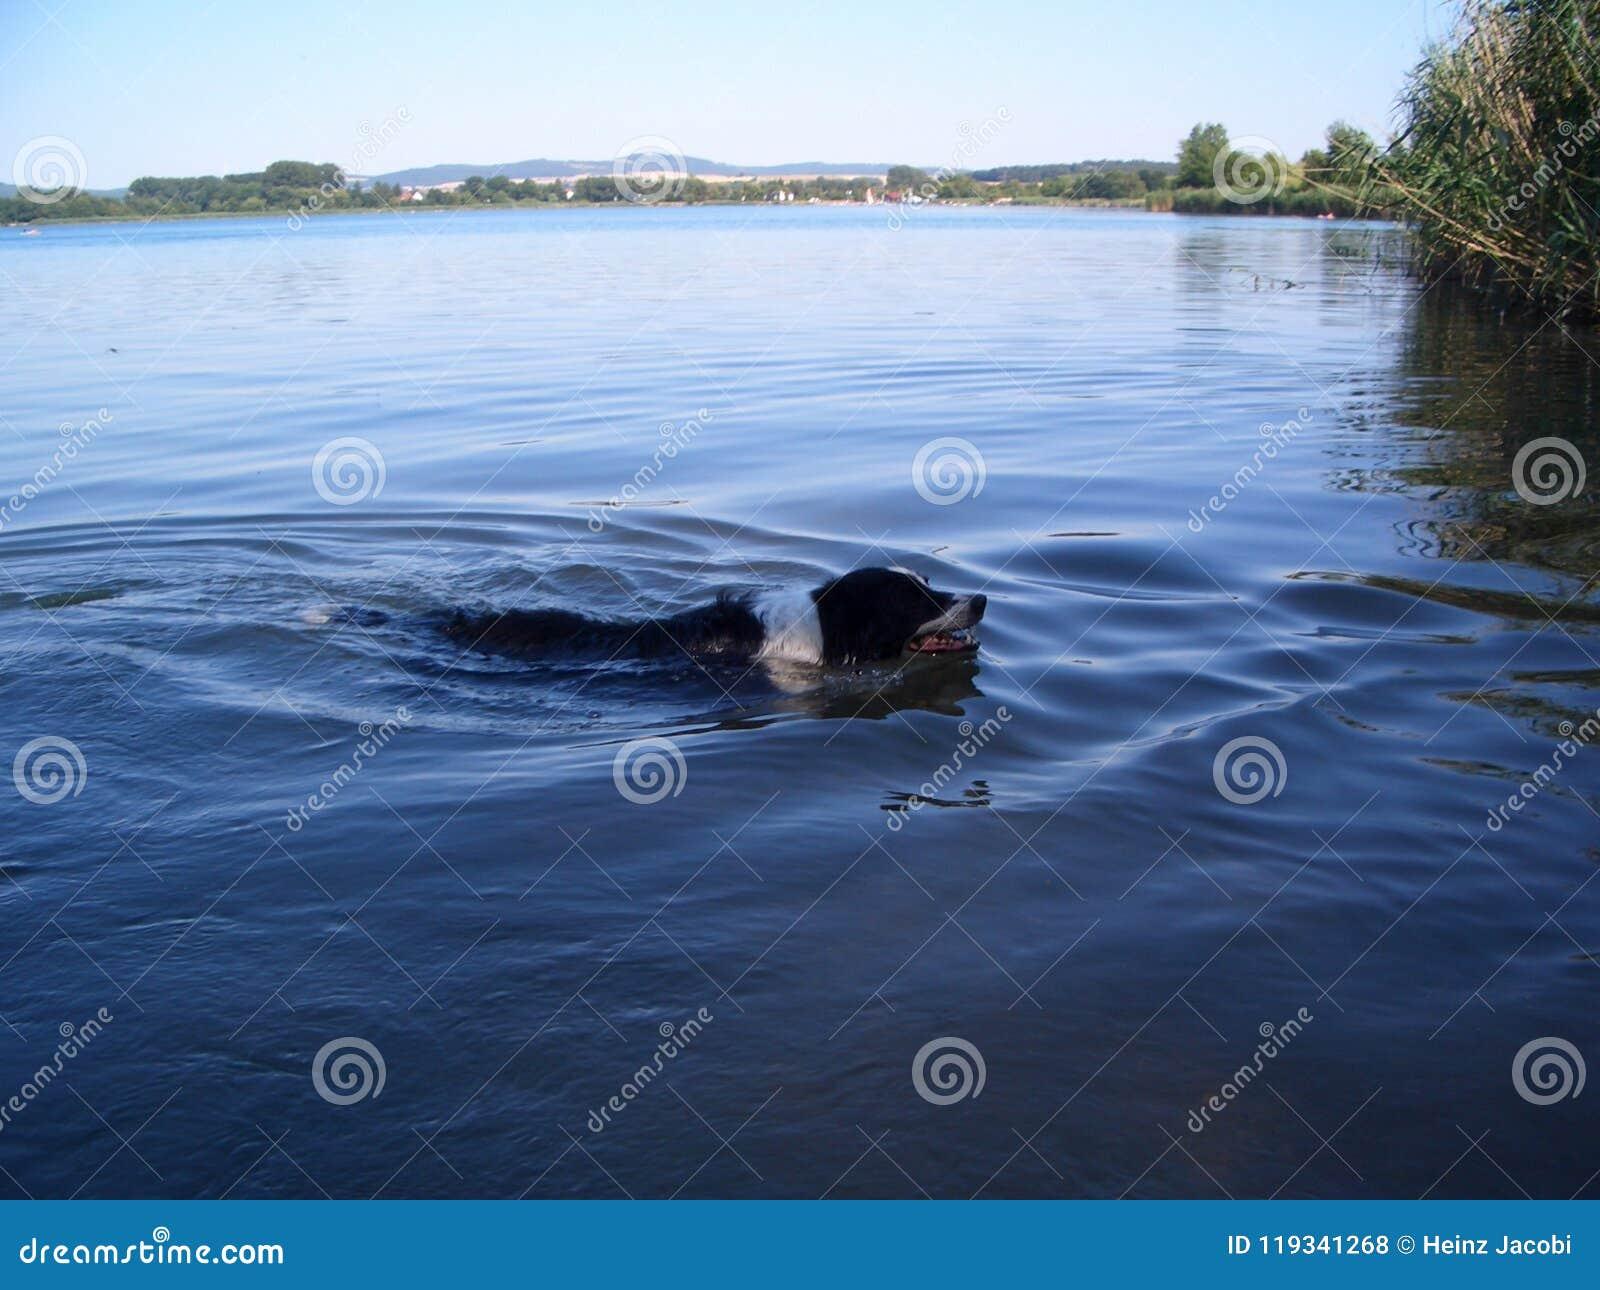 El border collie nada en un lago